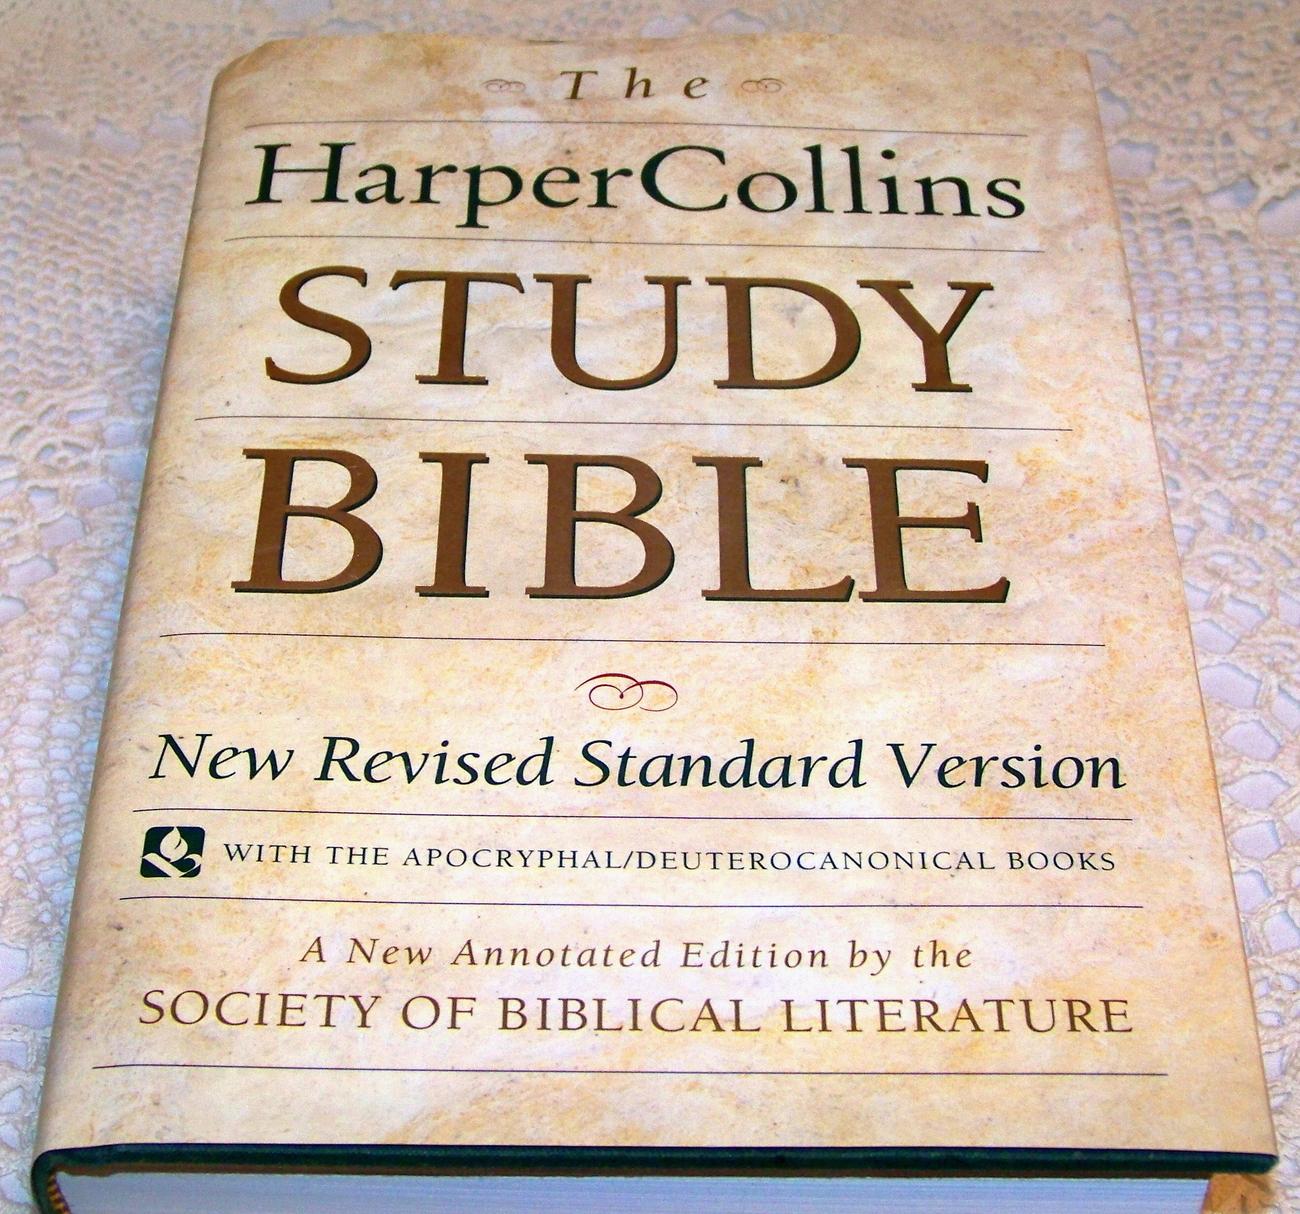 NRSV New Revised Standard Version Bibles - Christianbook.com